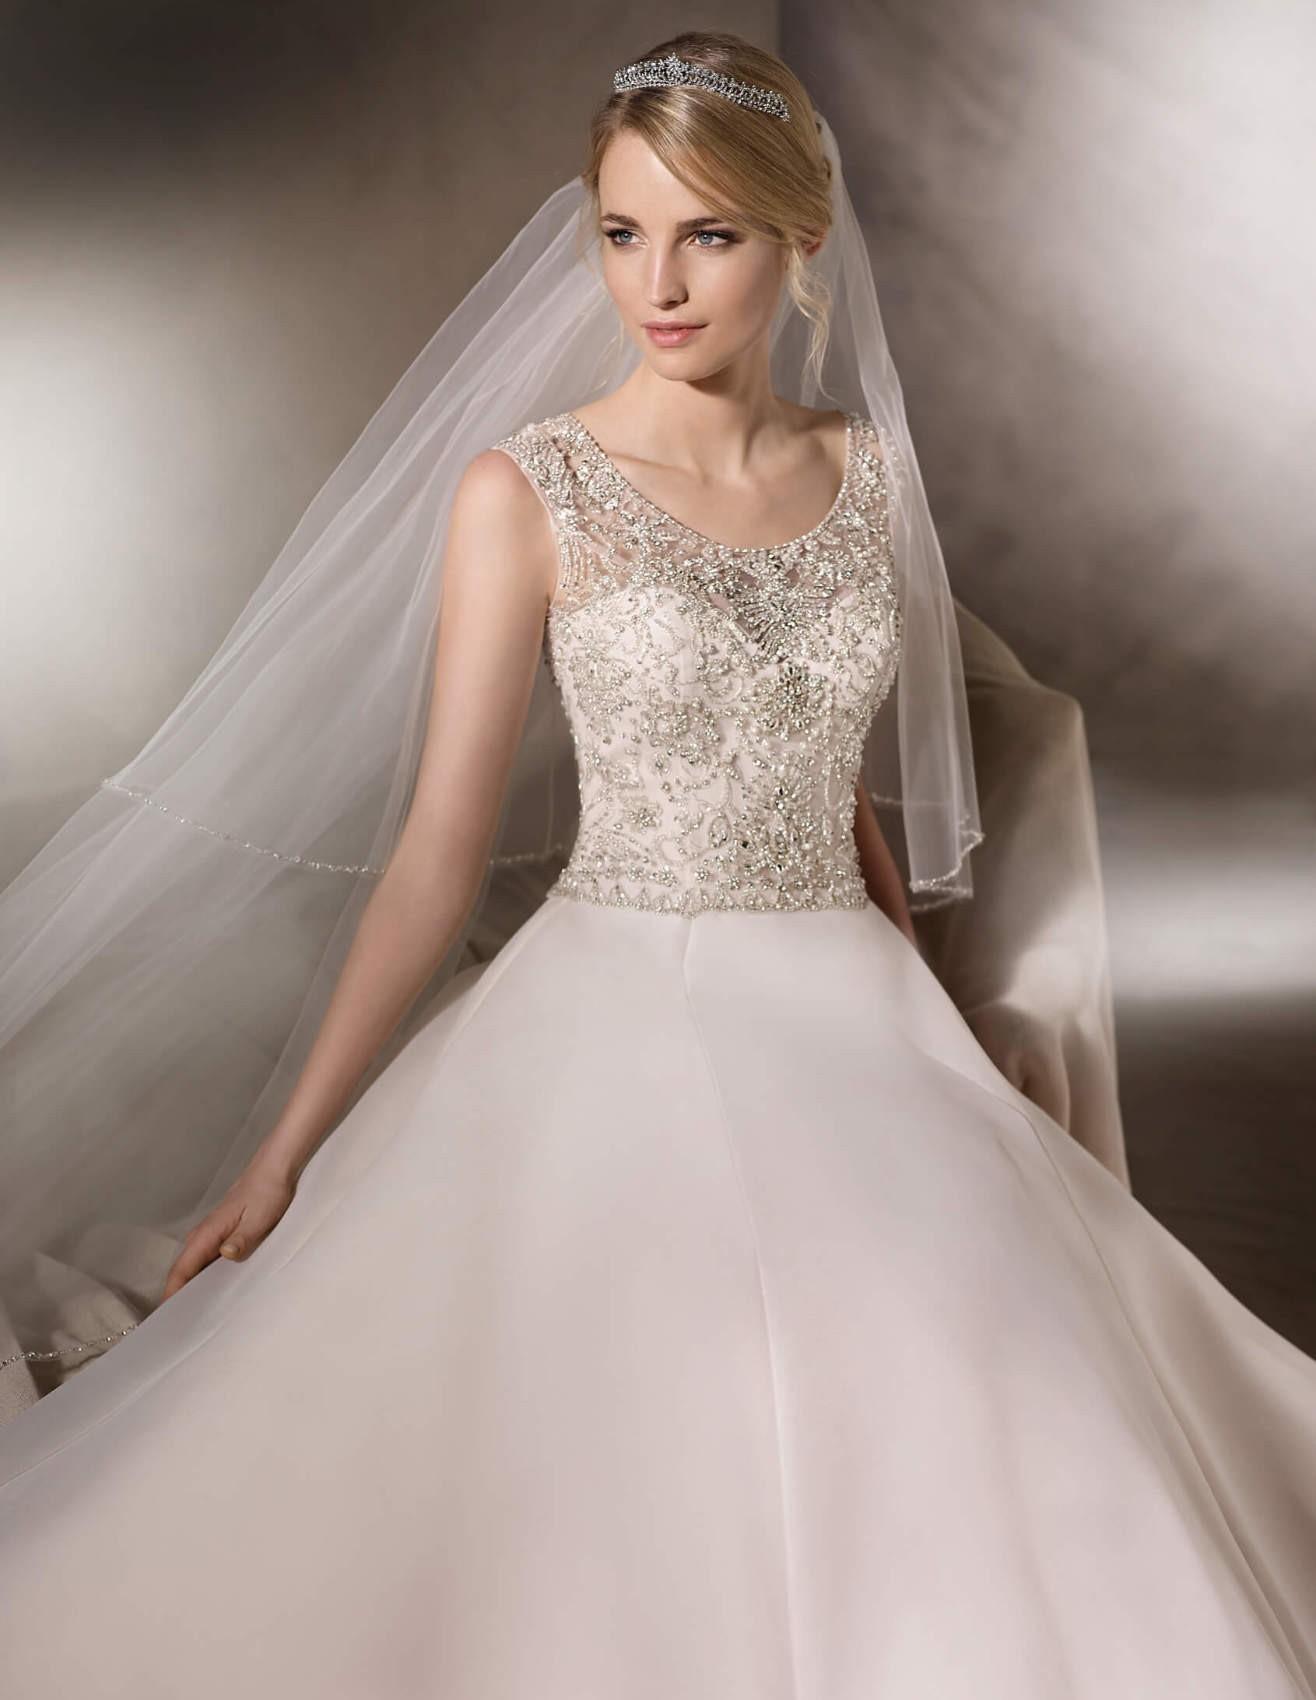 تاج و لباس عروس